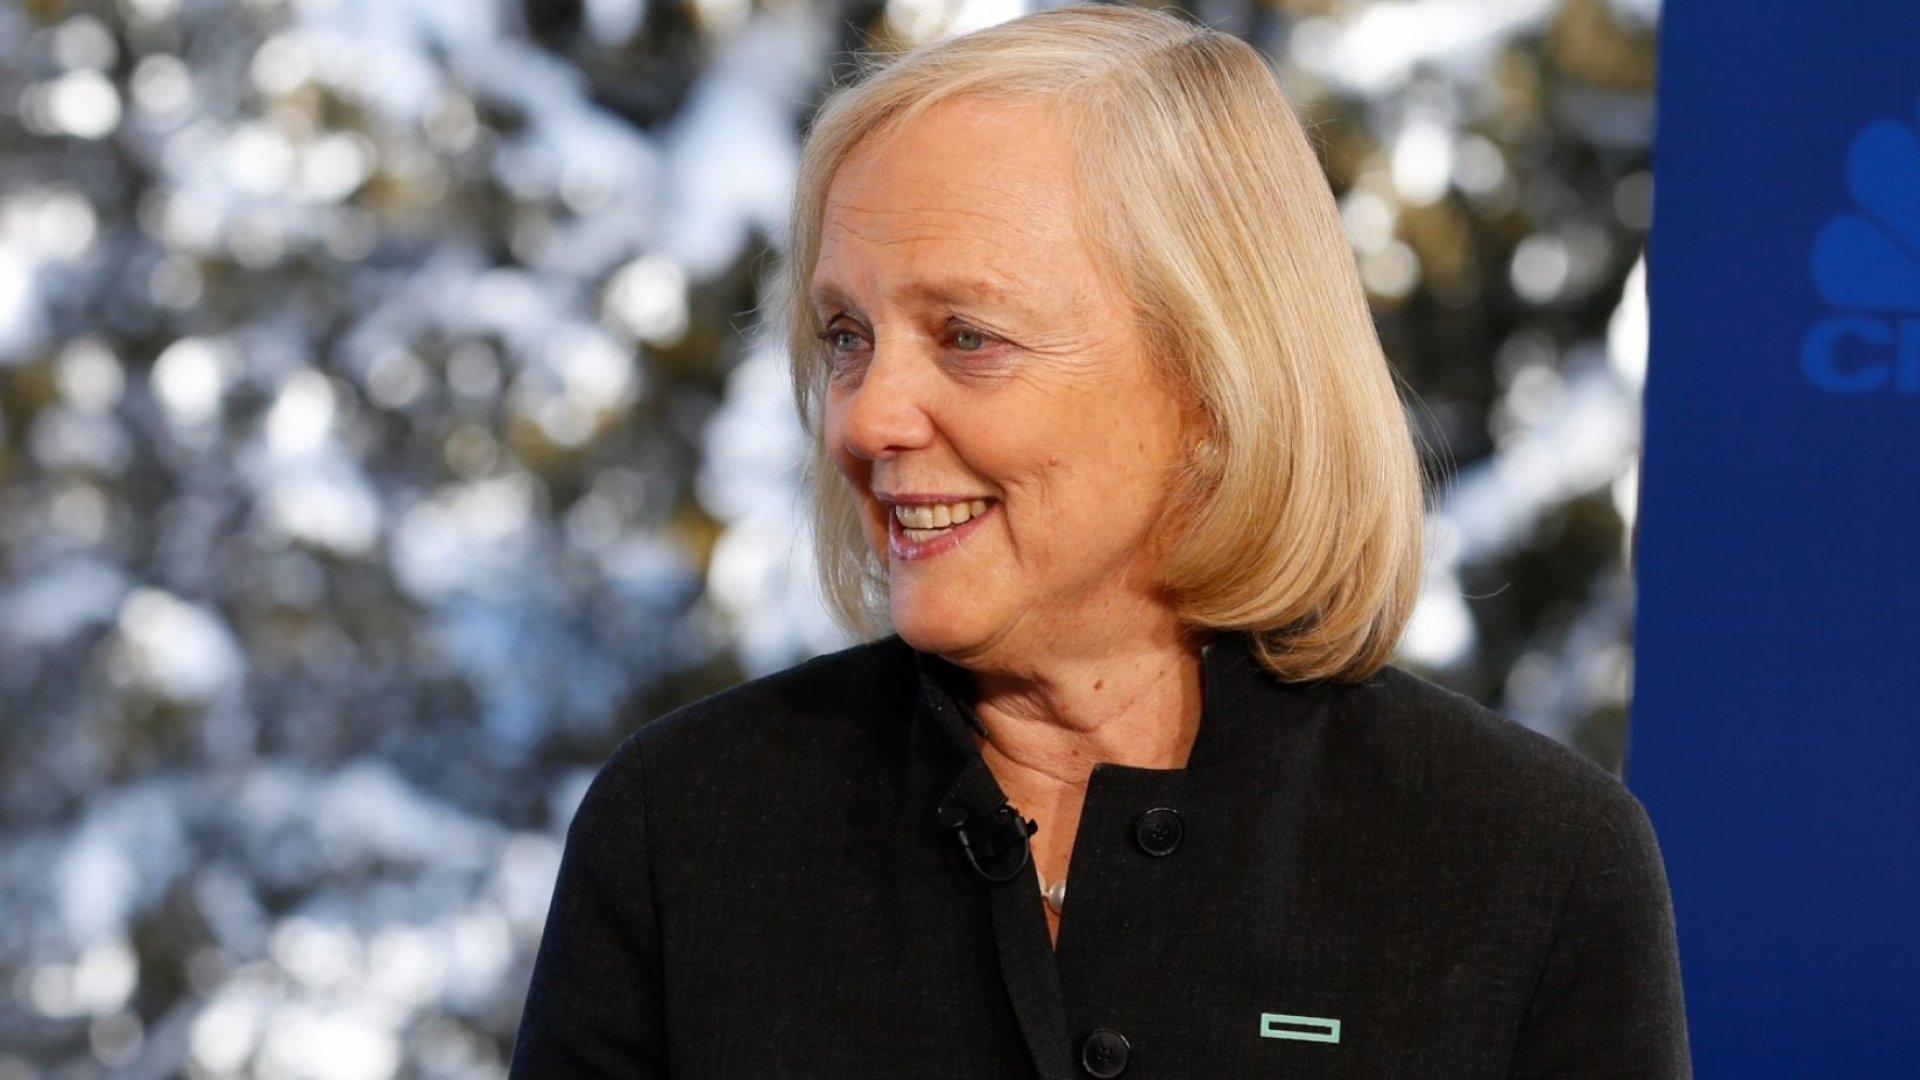 Meg Whitman Leaves HP's Board